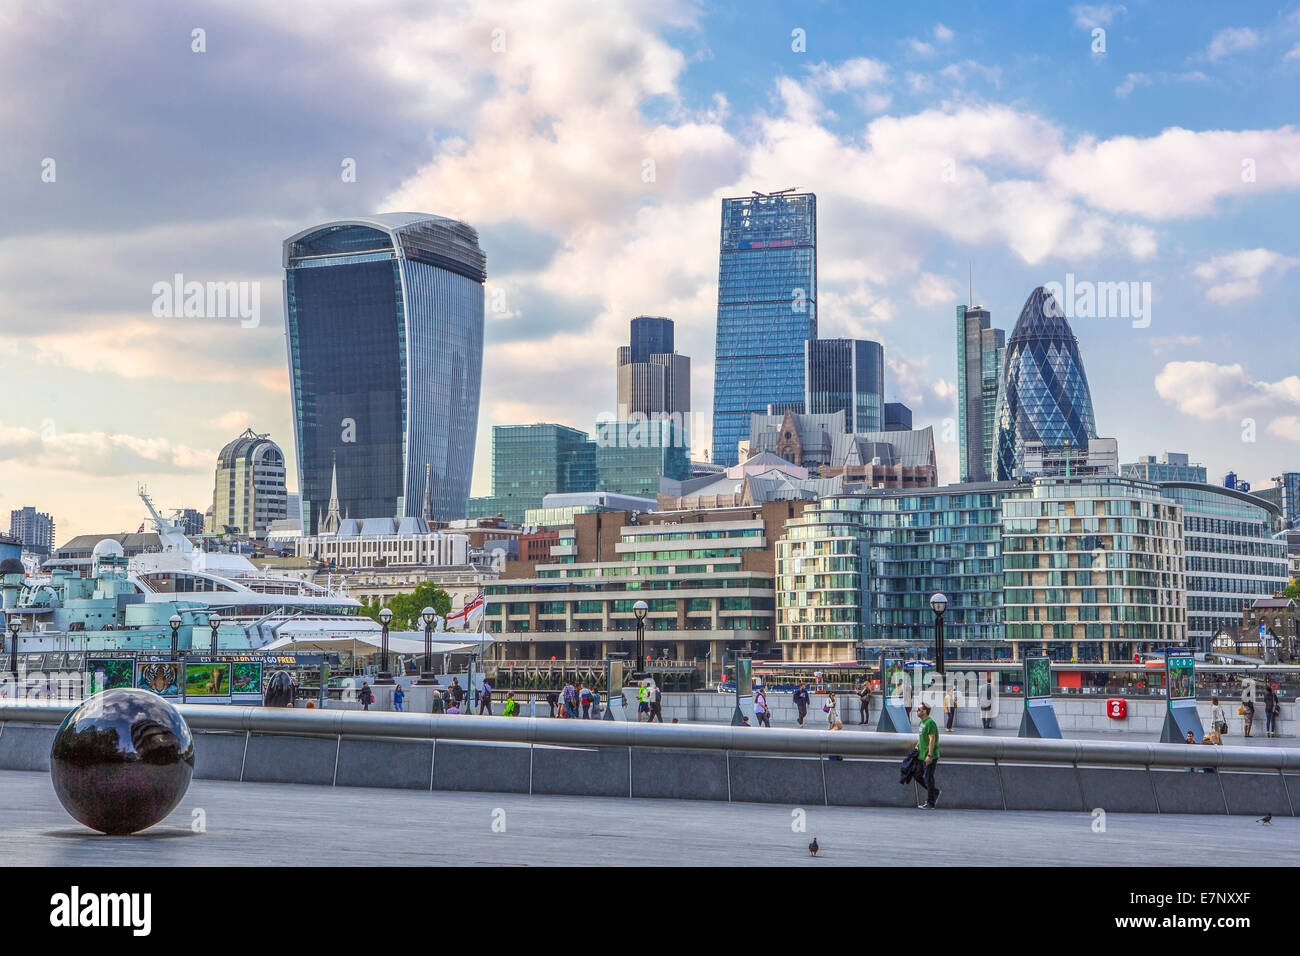 Stadt, London, England, UK, Architektur, Ball, berühmte, Skyline, Themse, Fluss, Tourismus, Reisen Stockbild